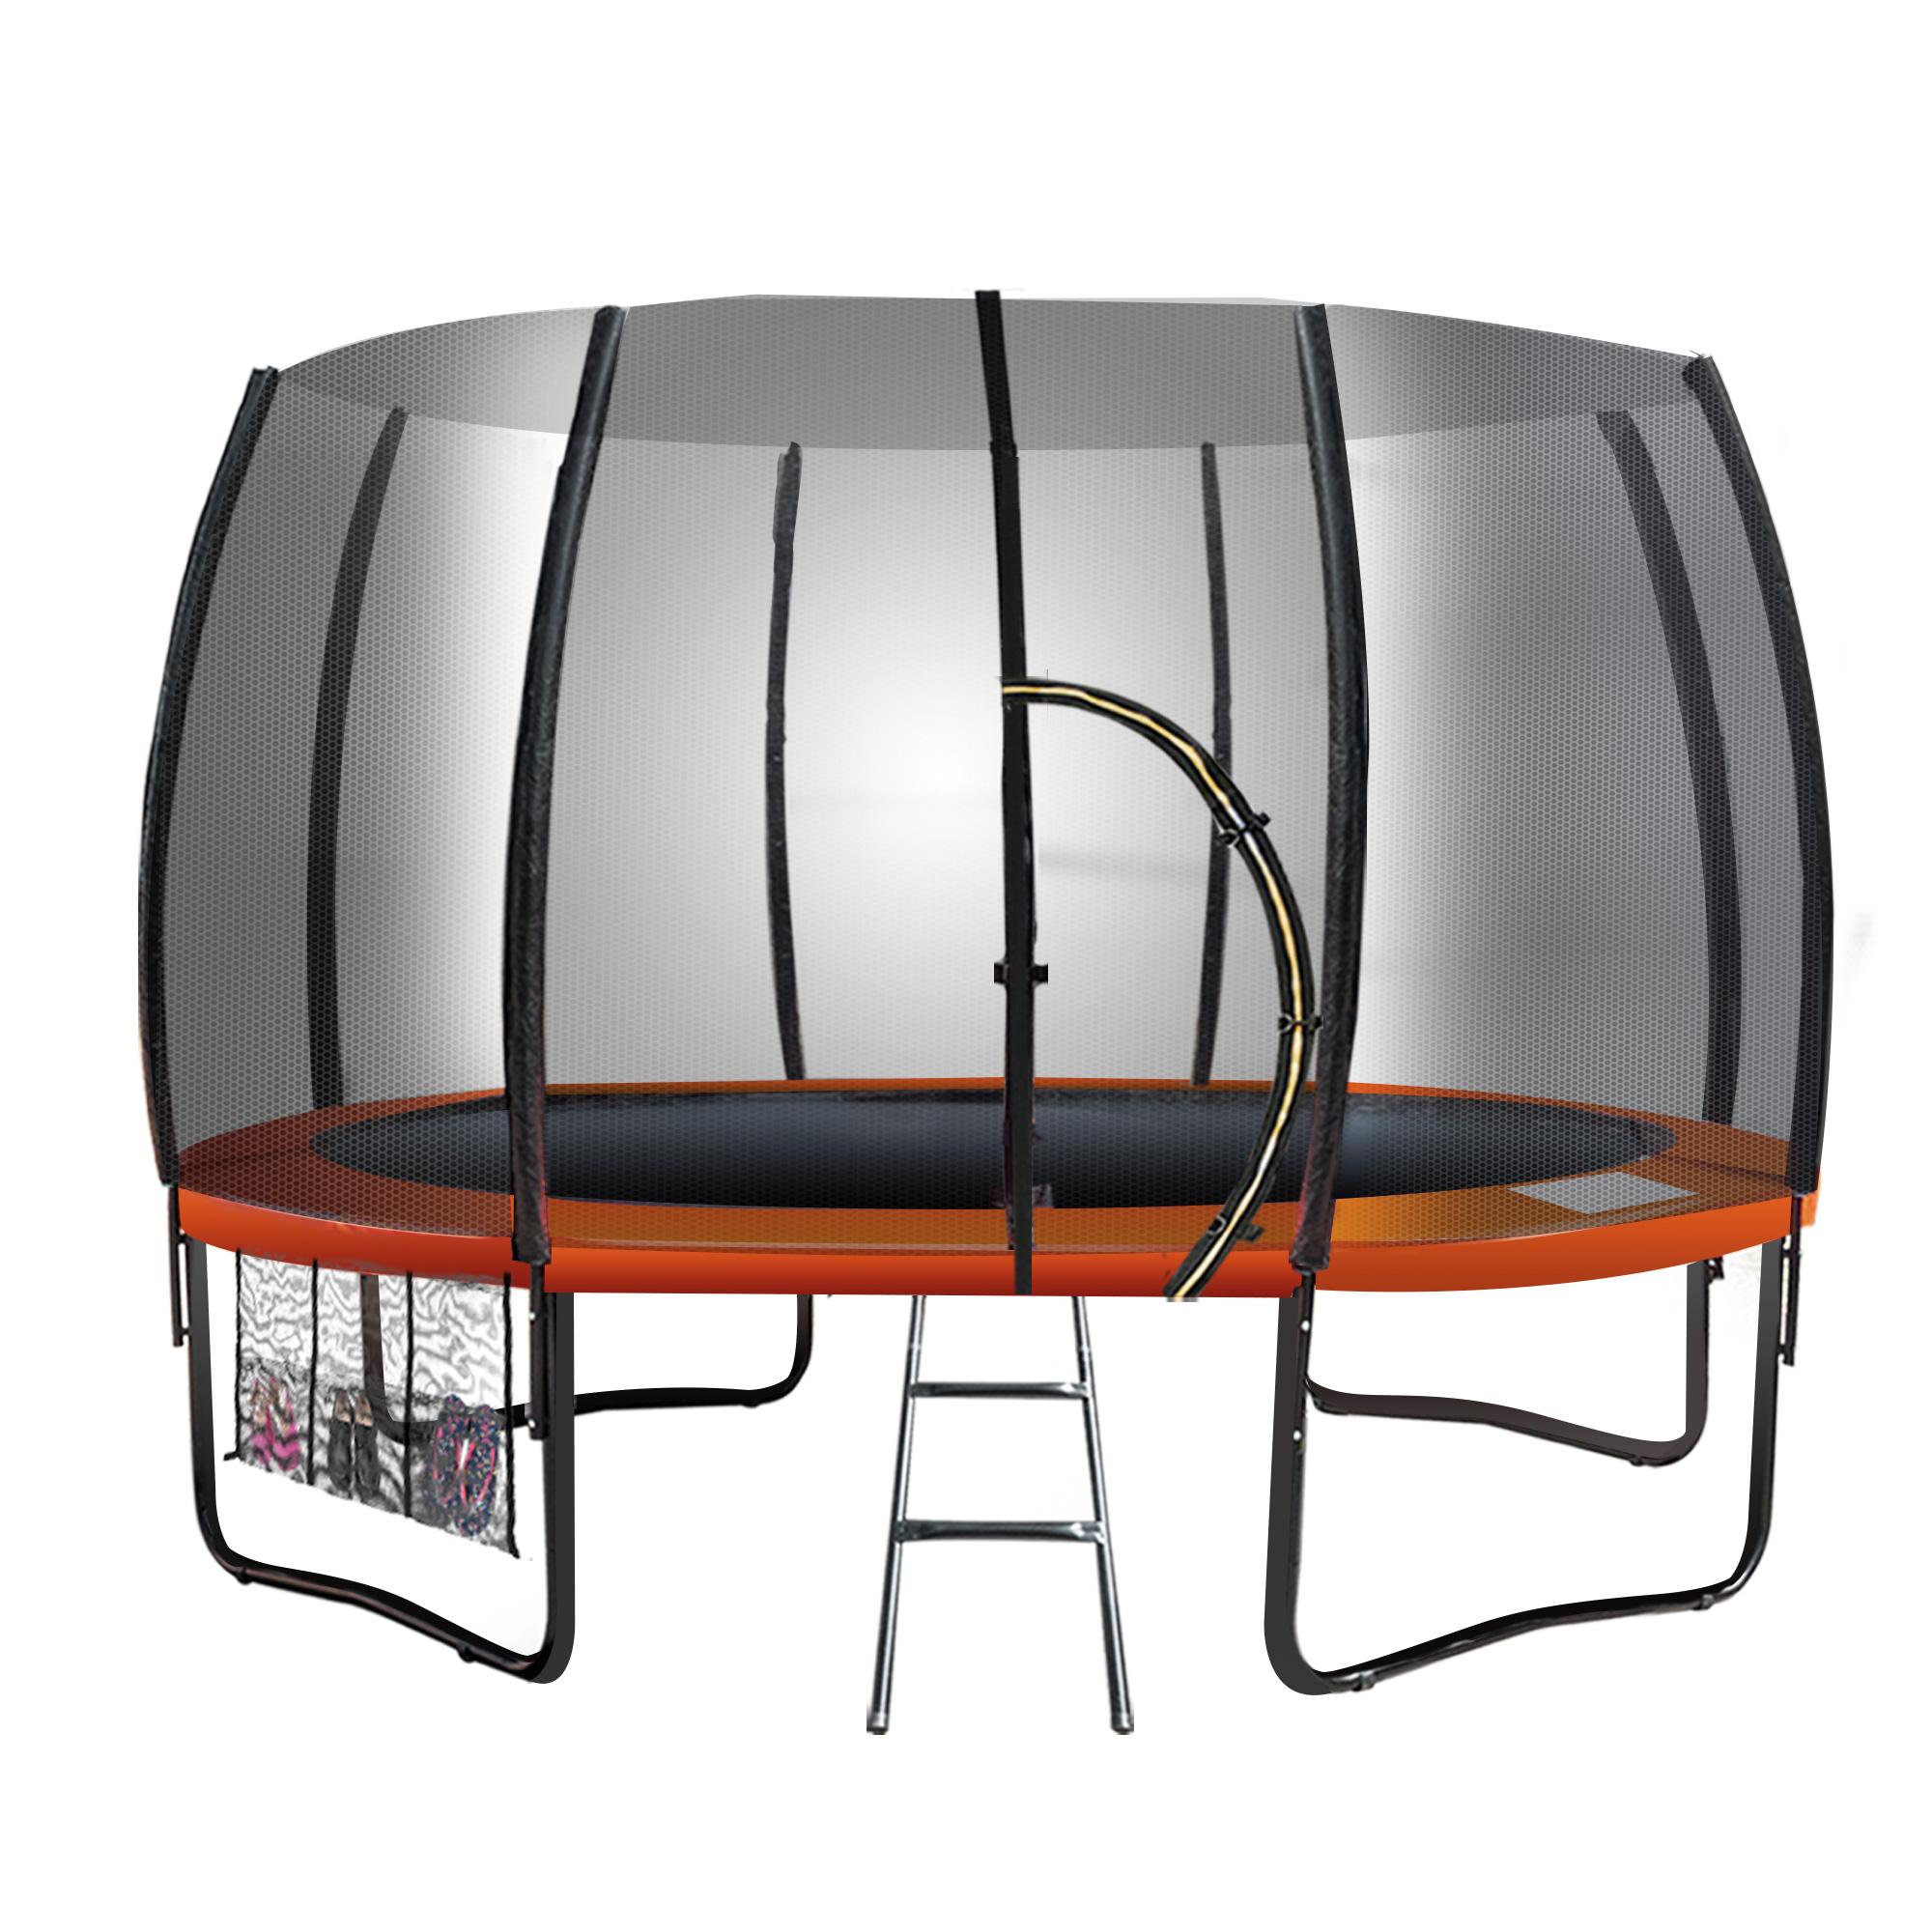 Kahuna 10ft Springless Trampoline